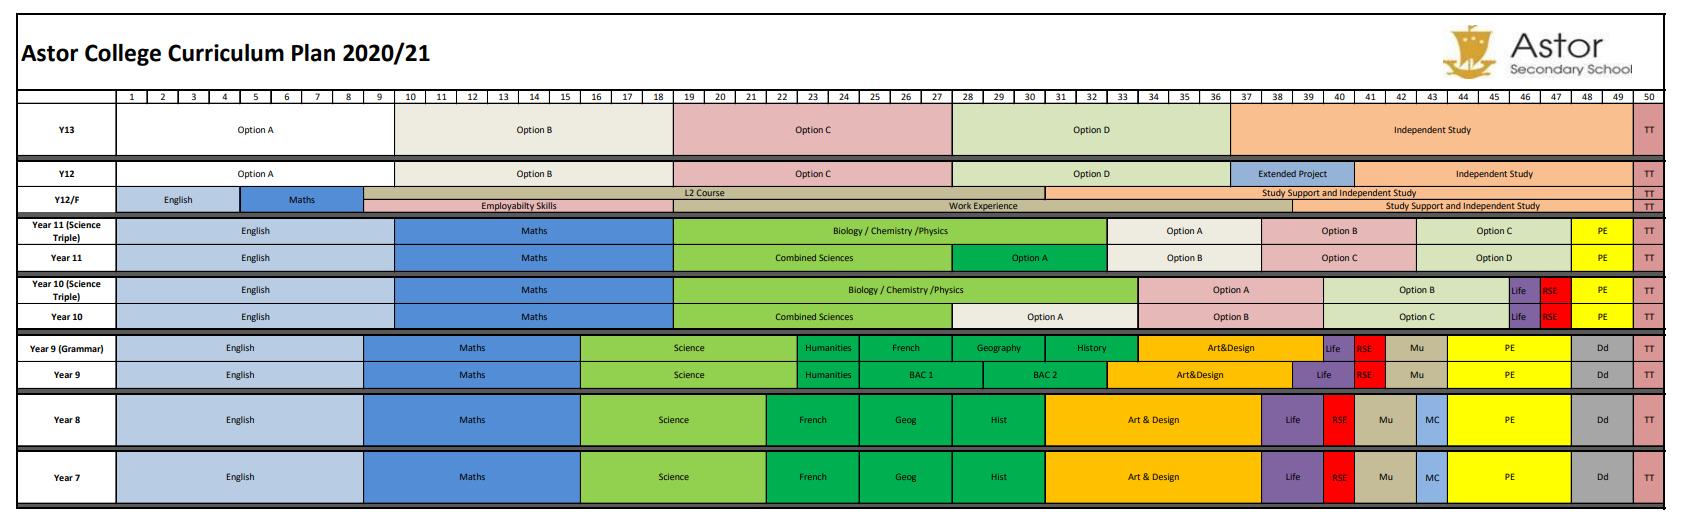 Curriculum Model 2020 21